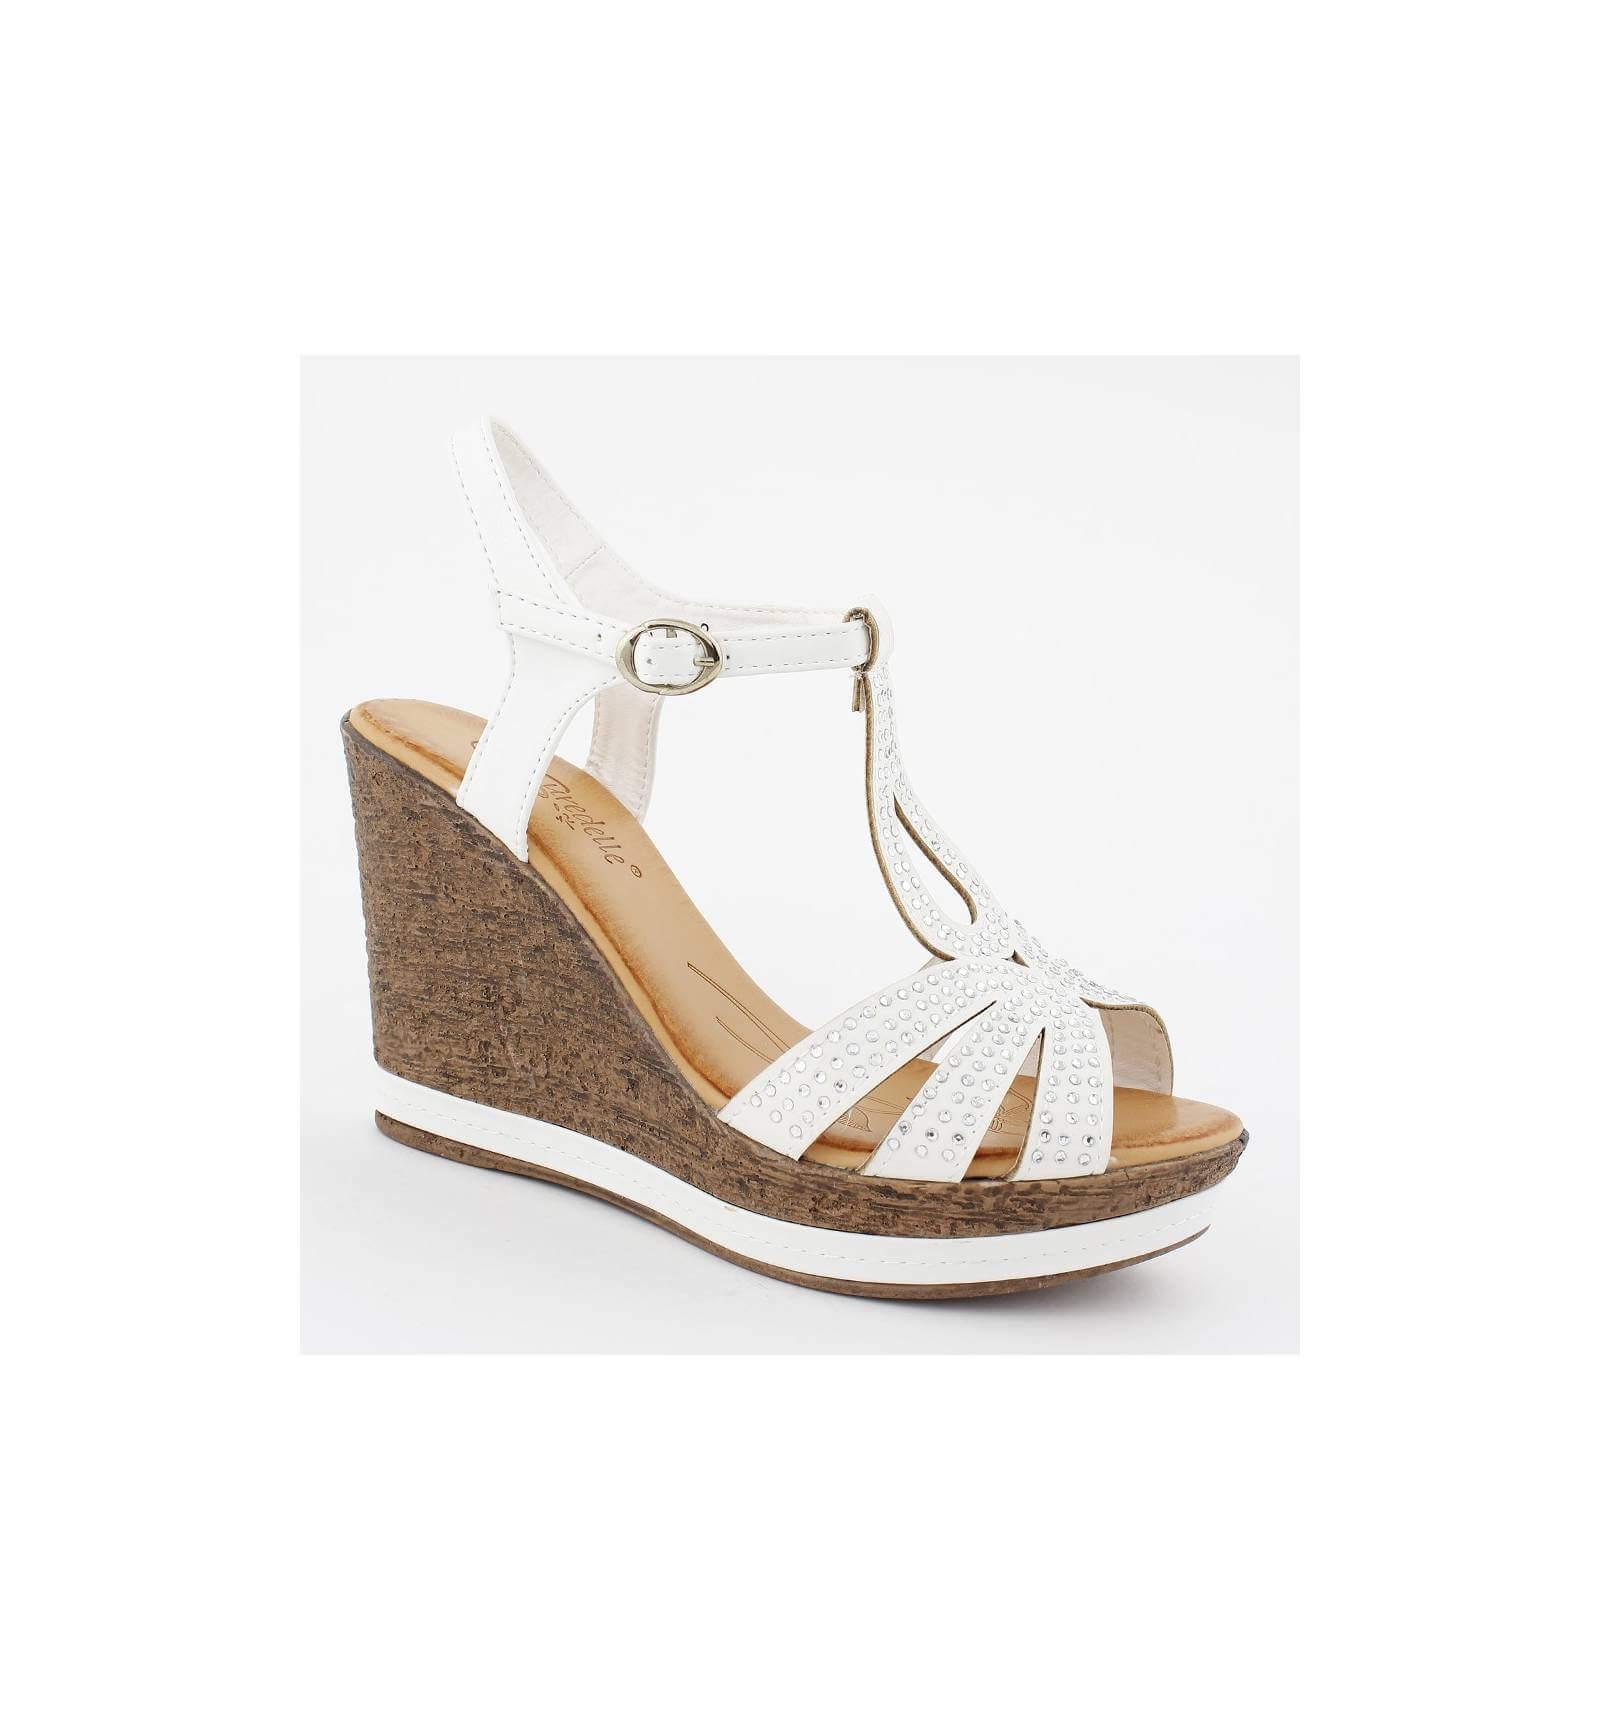 Sandales compensées femme talon liège blanc confort avec strass MARYSE fe40cd2359e3